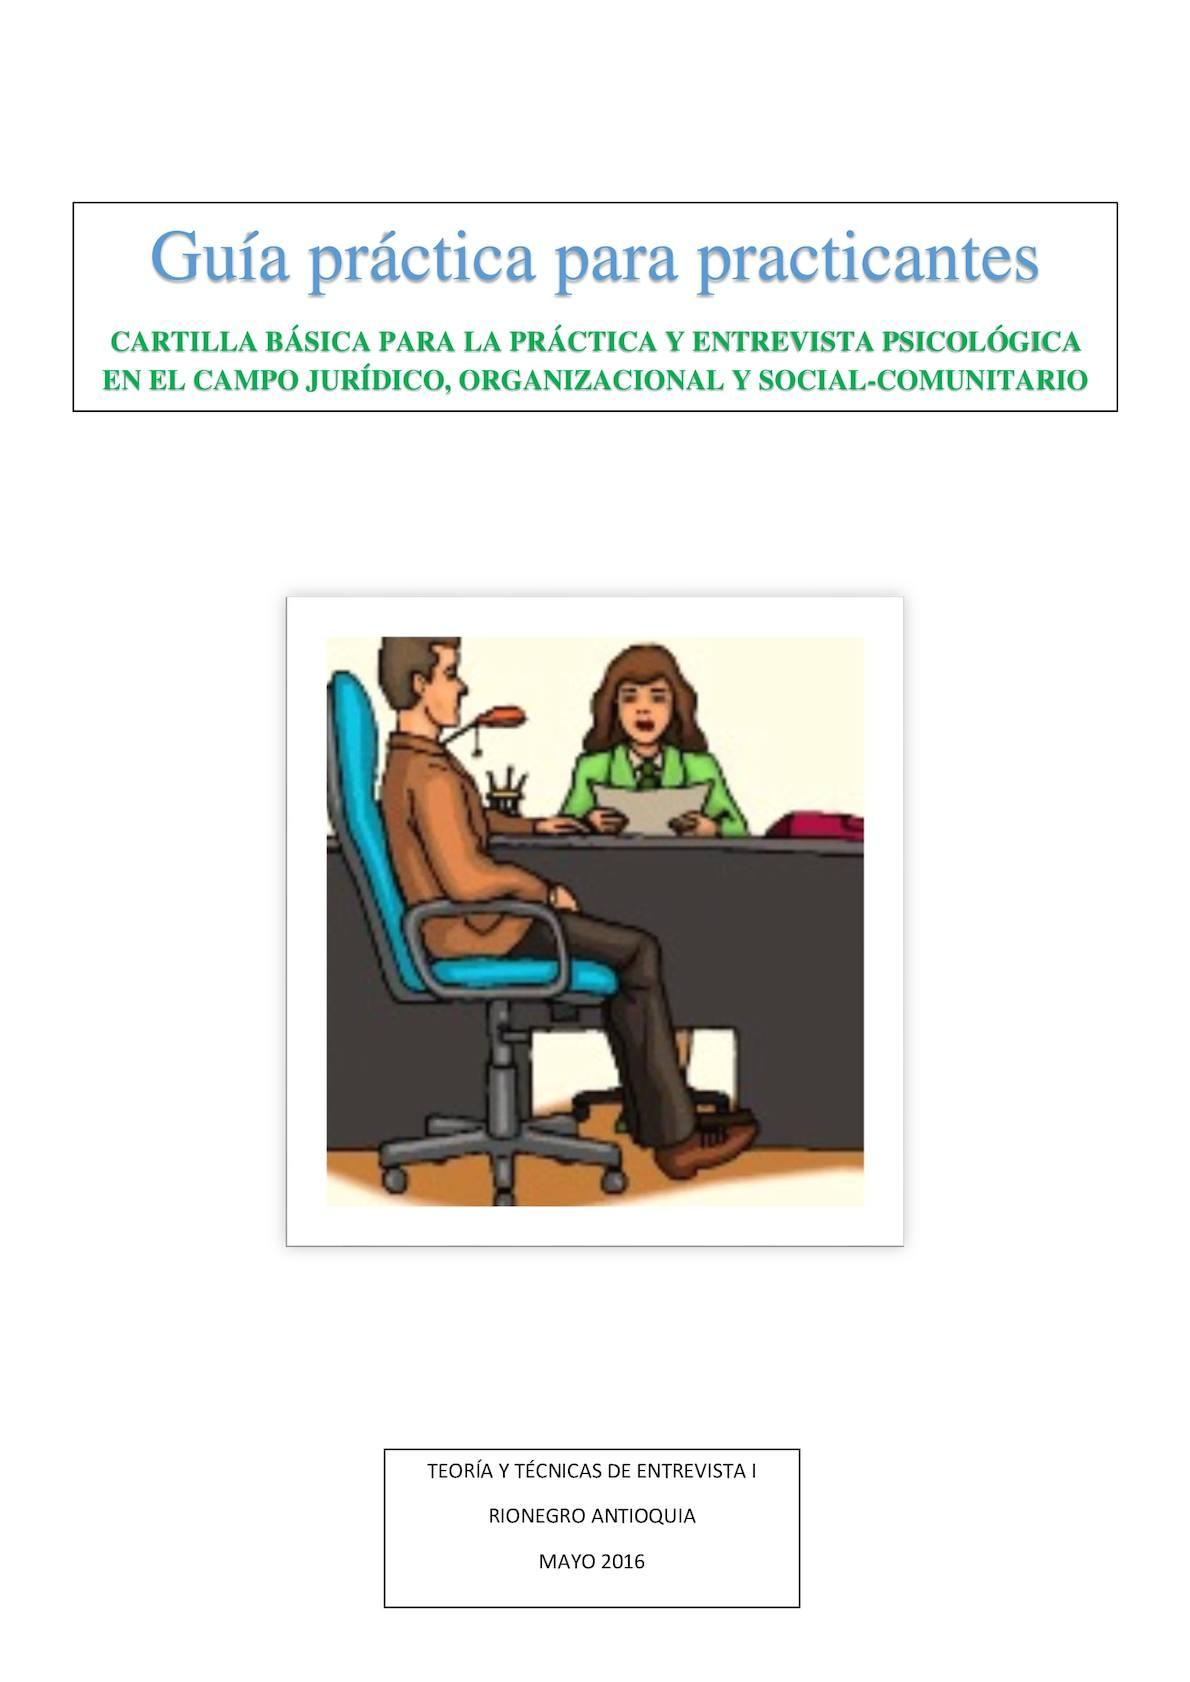 Guía práctica para practicantes